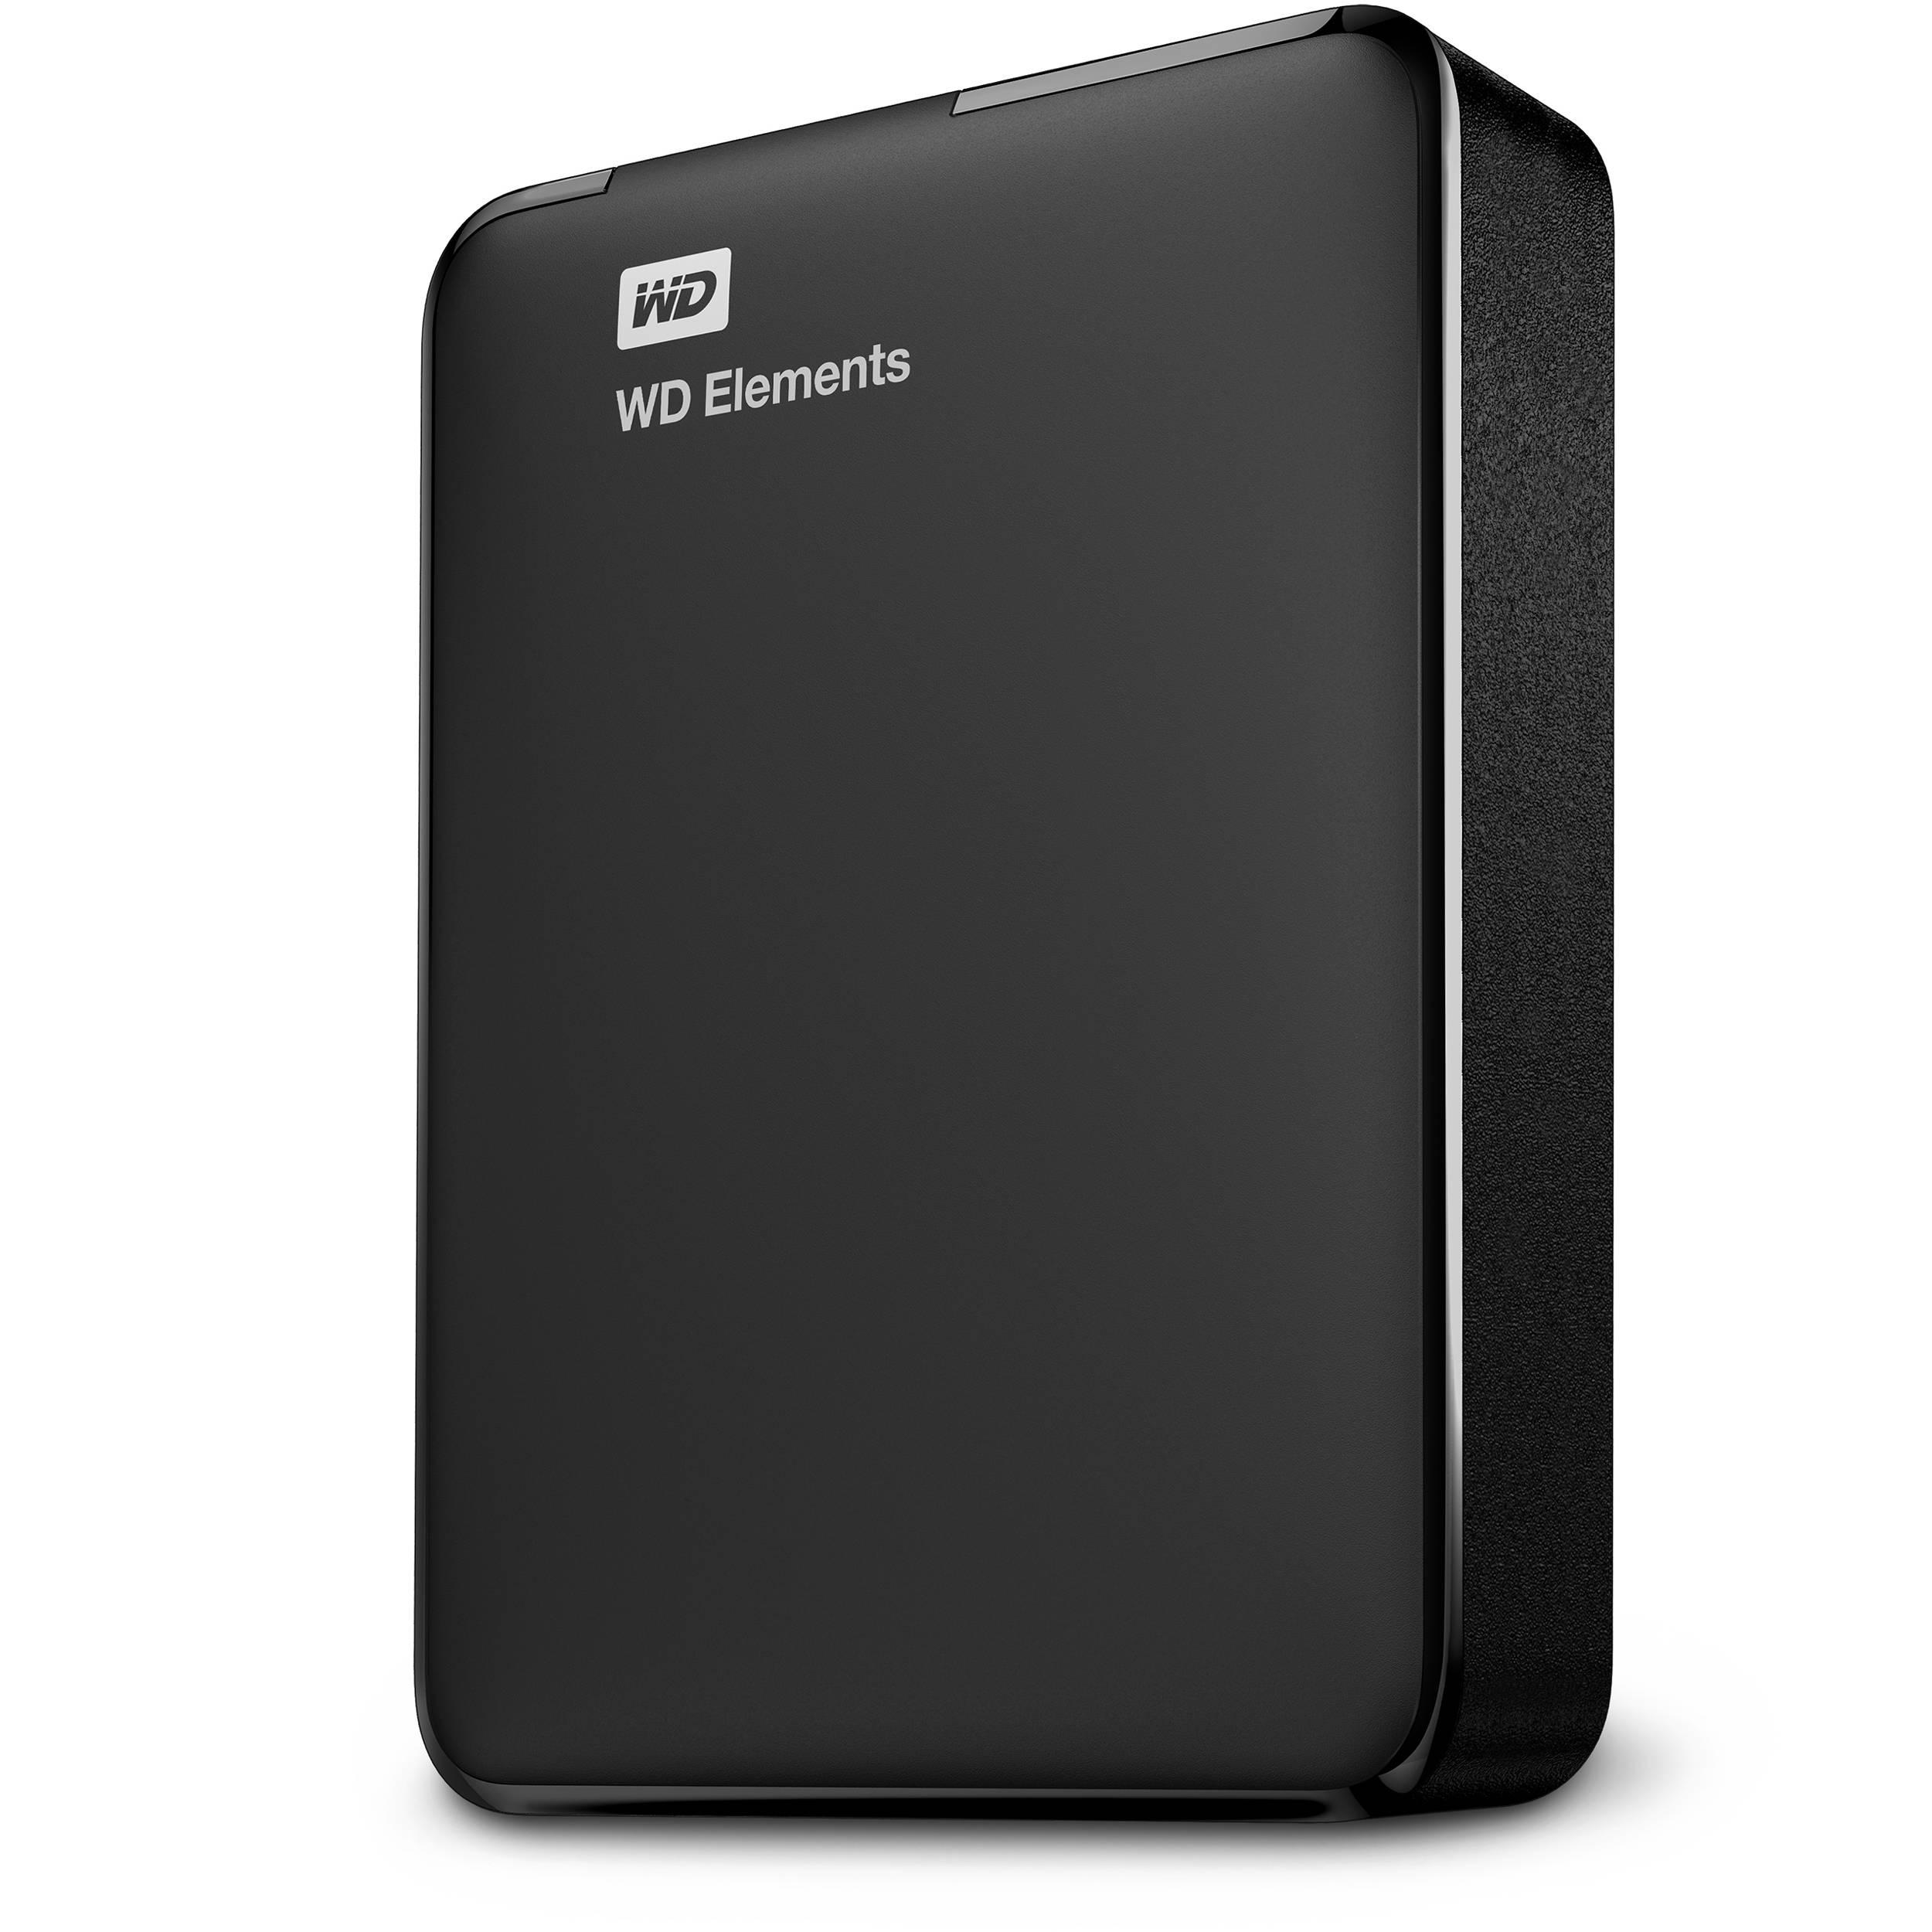 Wd 3tb elements usb 3 0 external hard drive wdbu6y0030bbk eesn for 3tb esterno